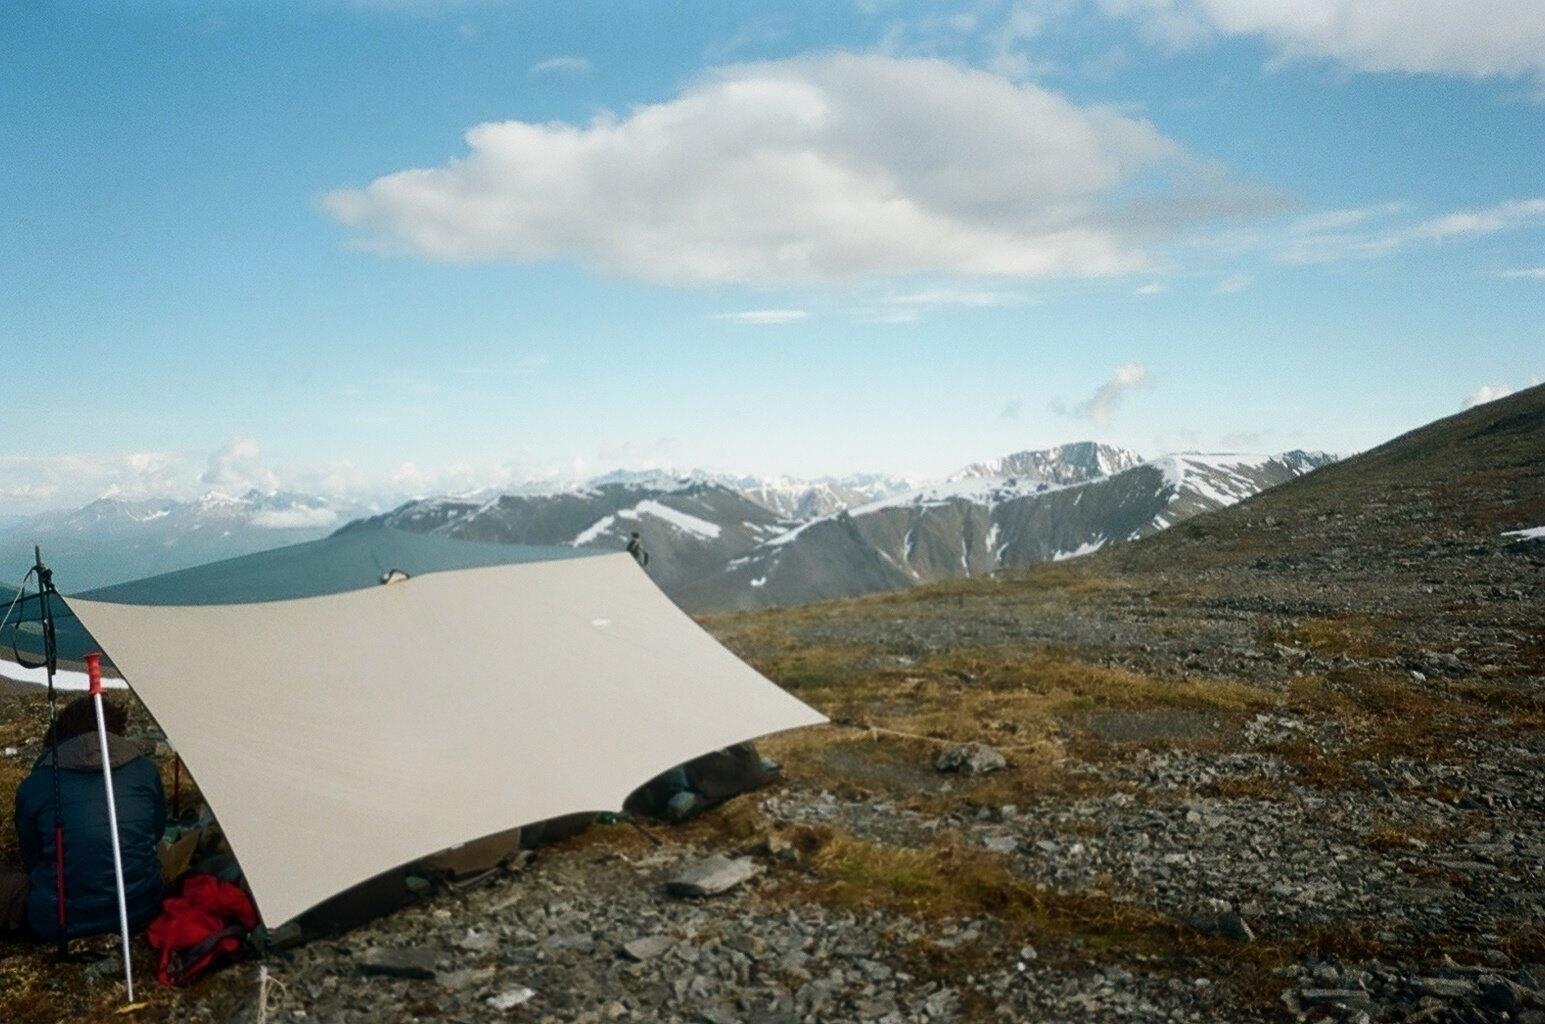 ridge line. Chugach Mountain Ra - theladymountaingoat | ello